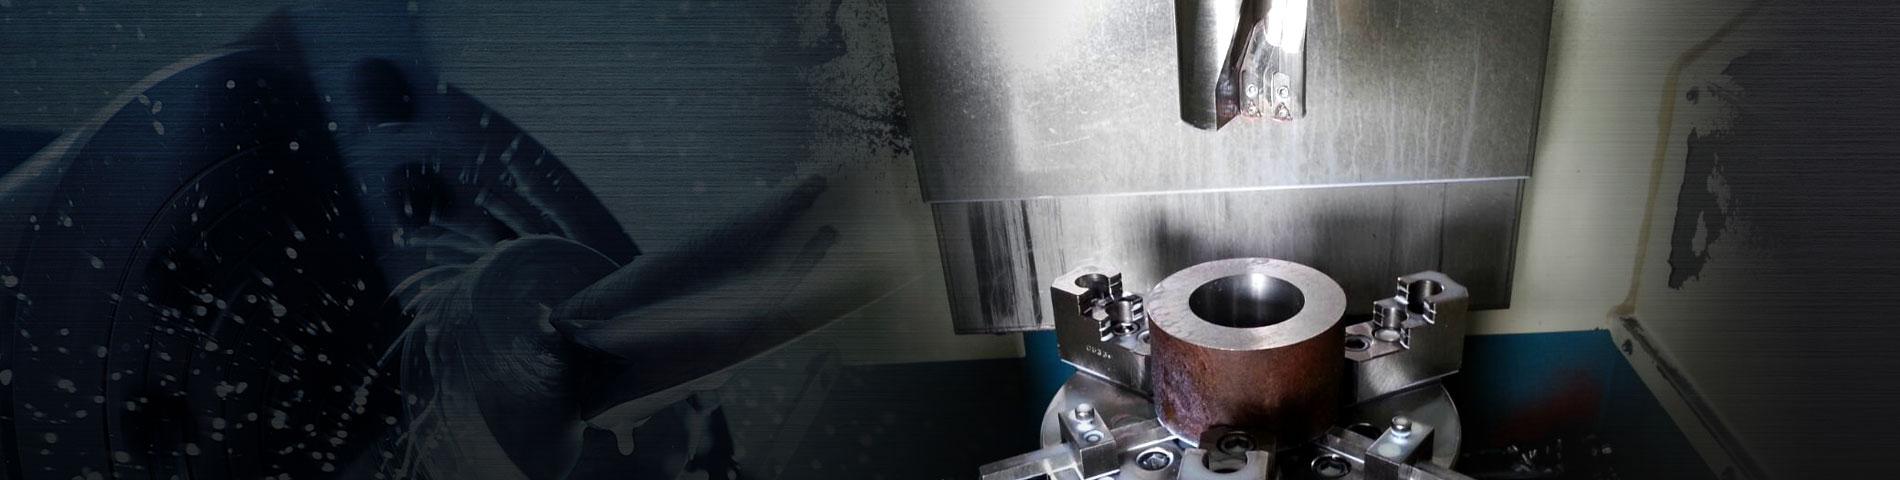 Высокоскоростной Услуги по сверлению стали